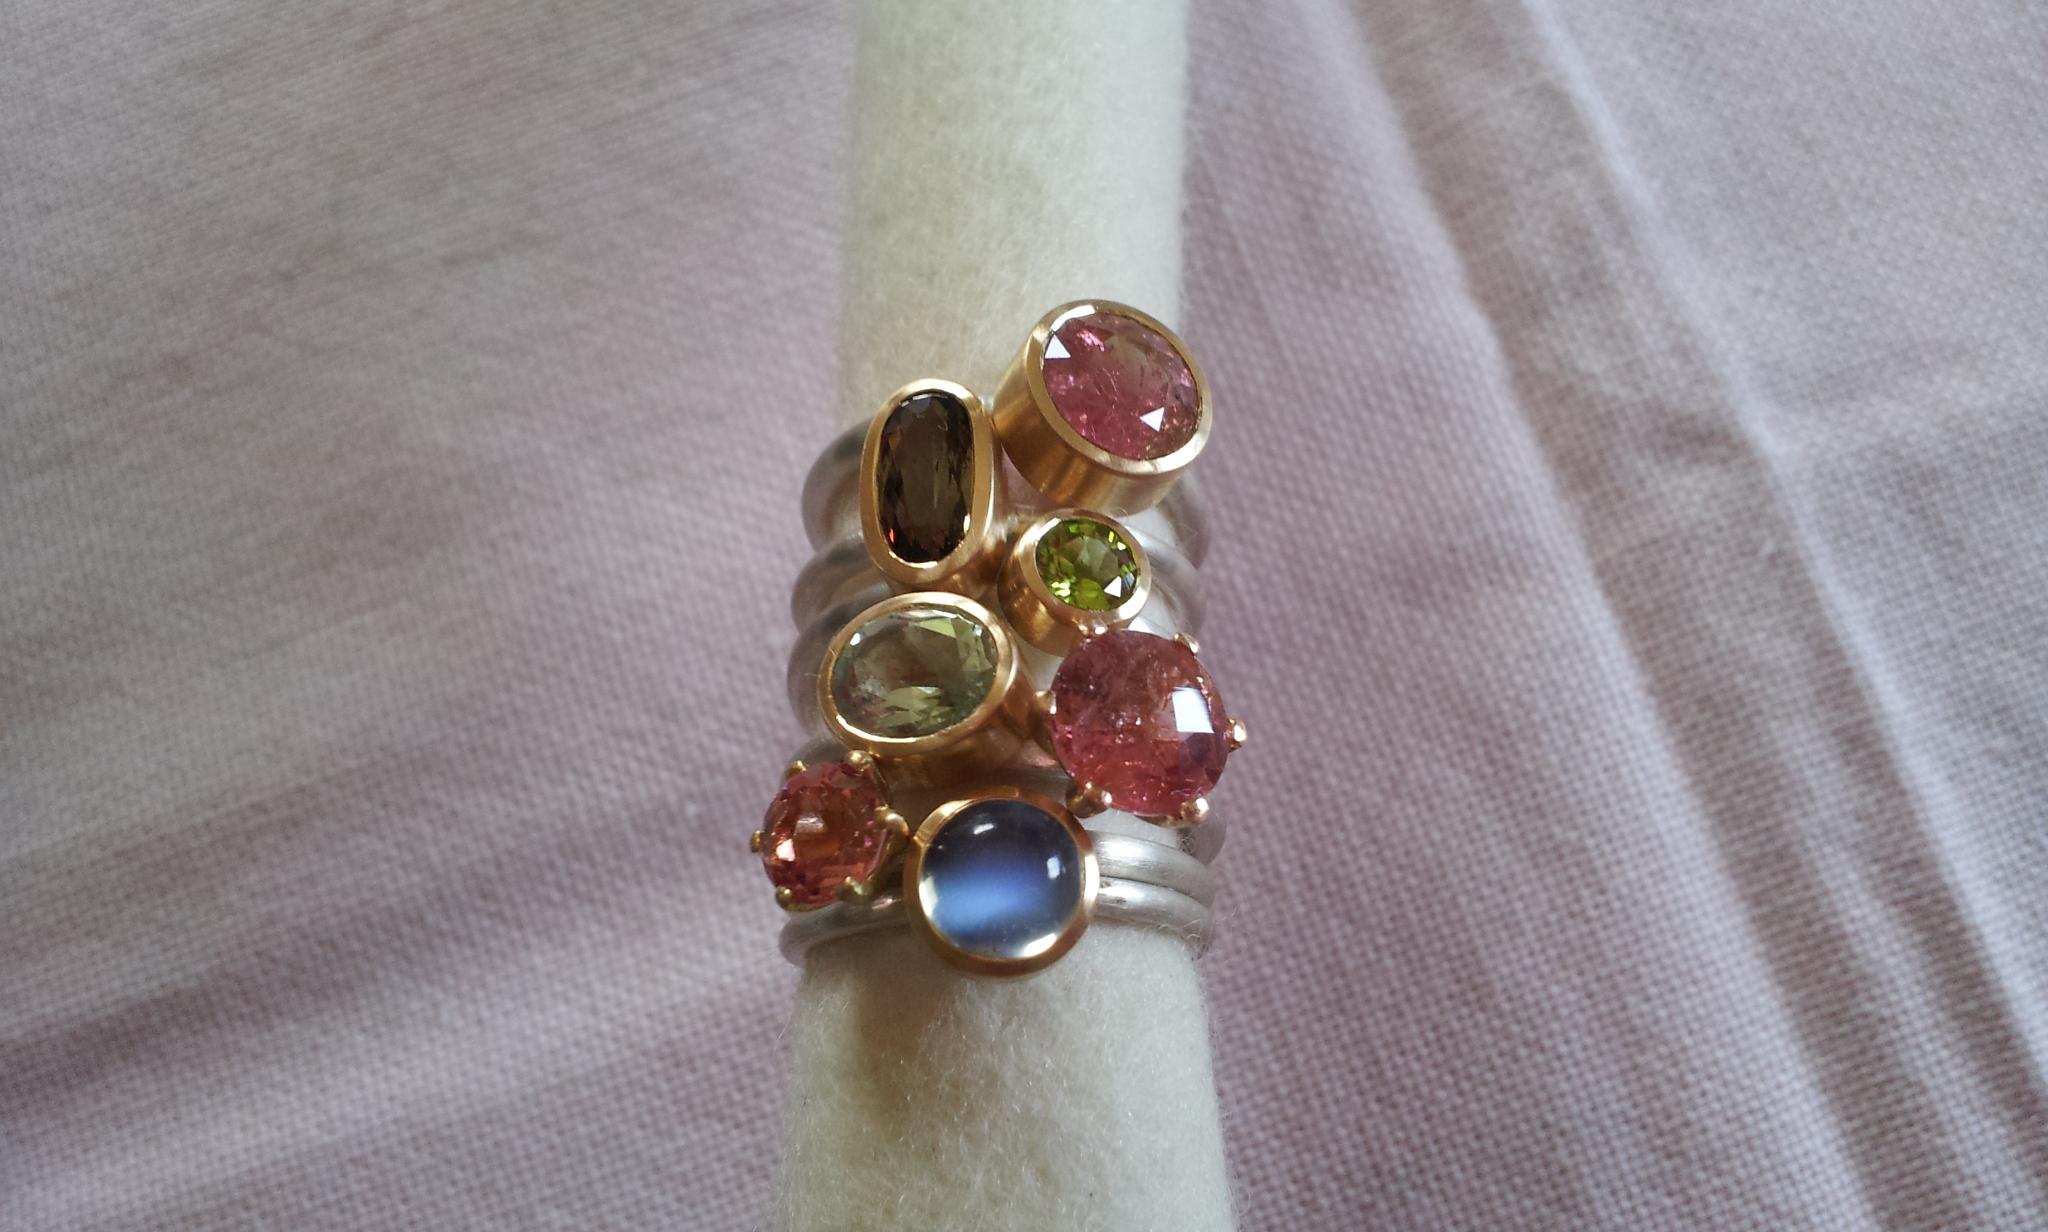 Ringe in Silber 925 und Gelbgold 750 mit Turmalin, Andalusith, Peridot, Grossular, Monstein...